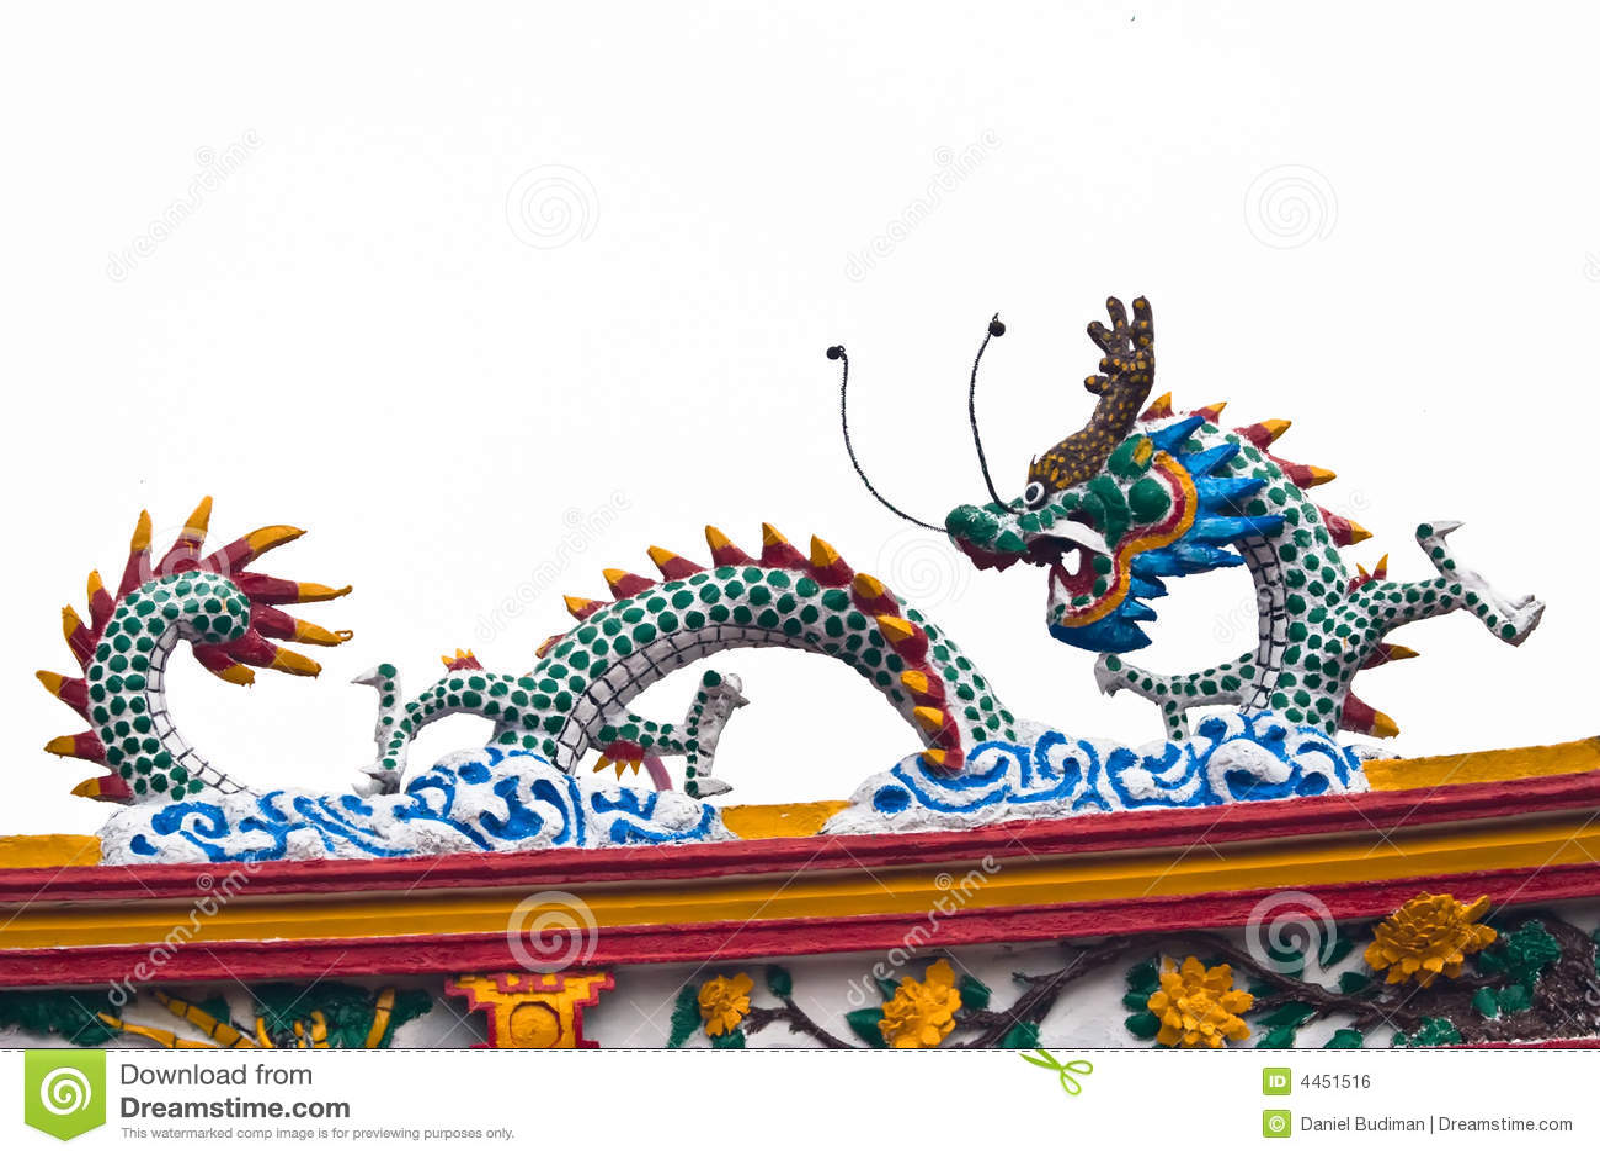 Dragon chinois sur le premier toit de temple image libre de droits image 4451516 - Photo dragon chinois ...